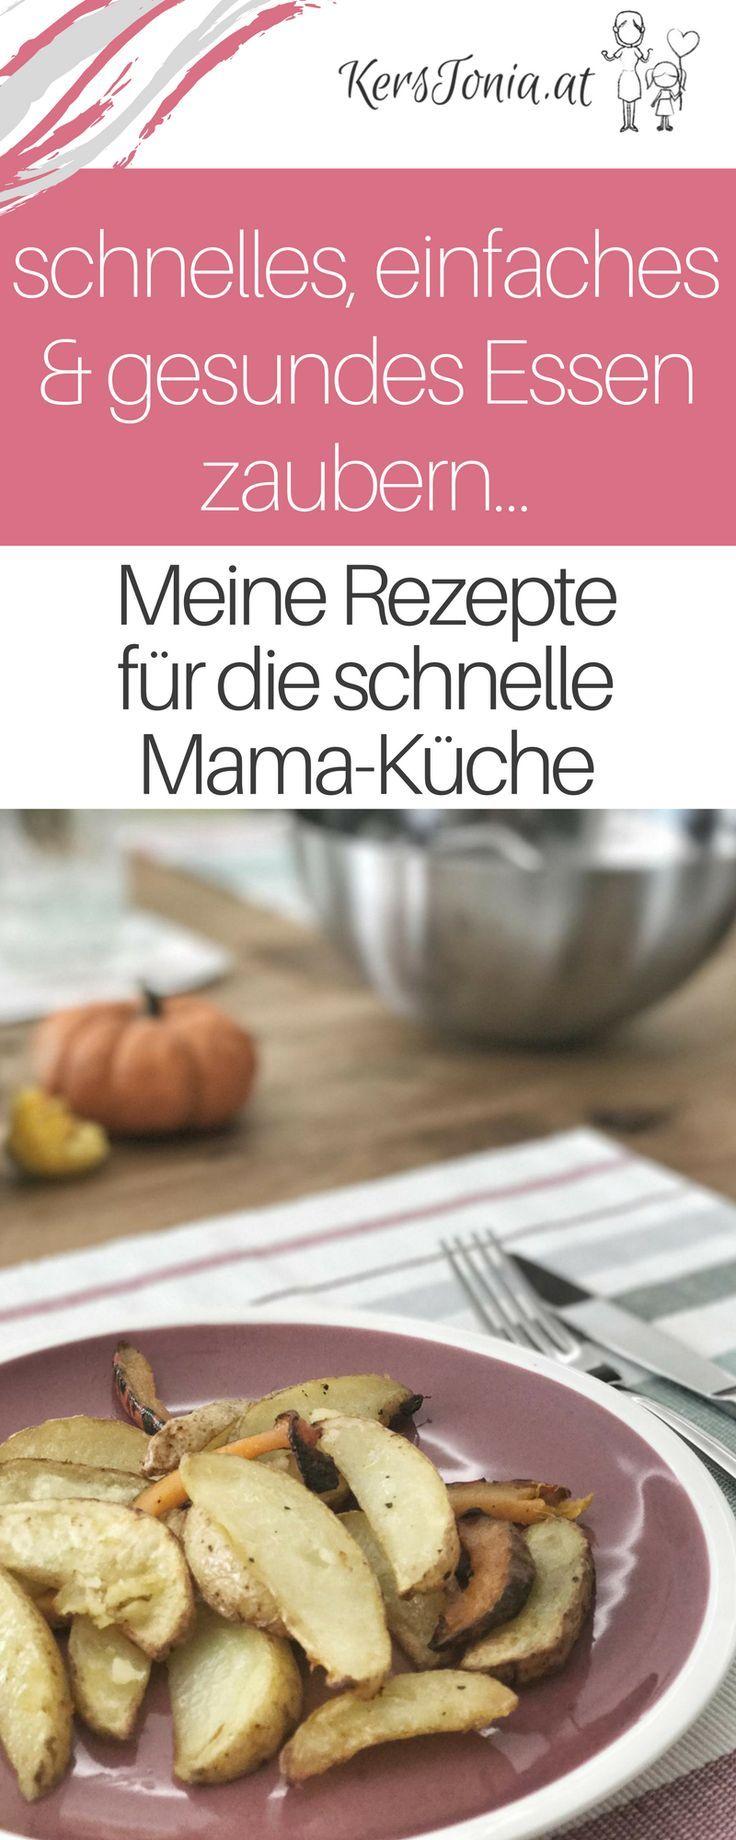 Einfache & schnelle Mama-Küche: 3 Rezepte, Tipps & Tricks wie jede ...